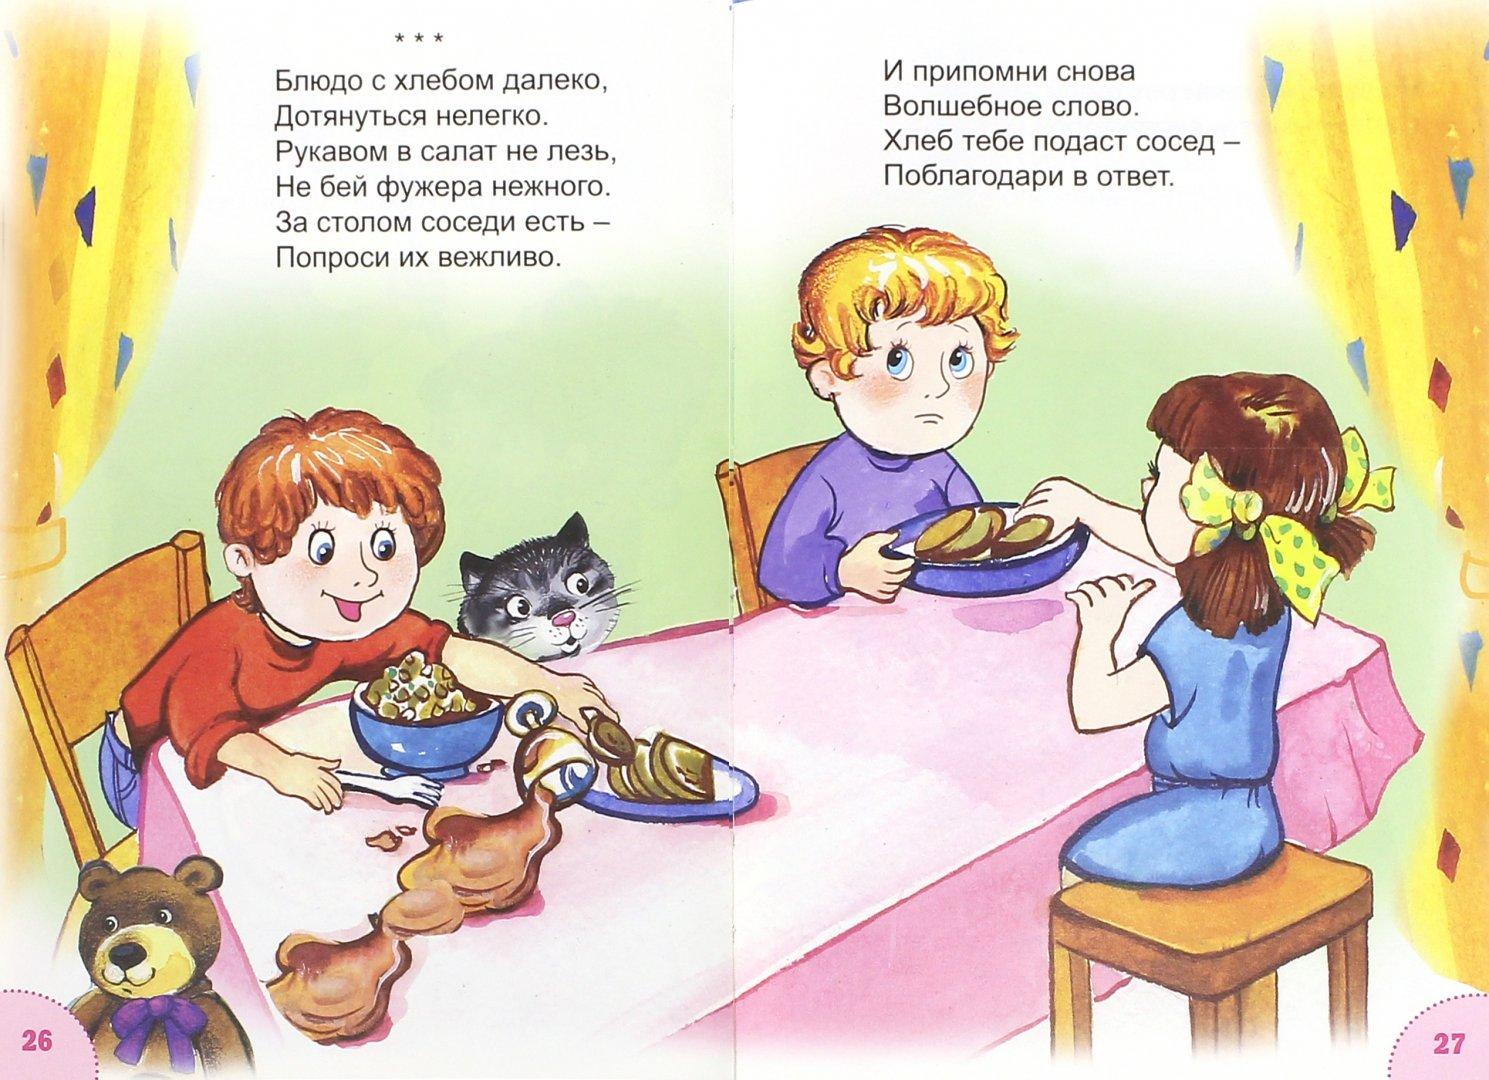 Поведение за столом ребенка в картинках для